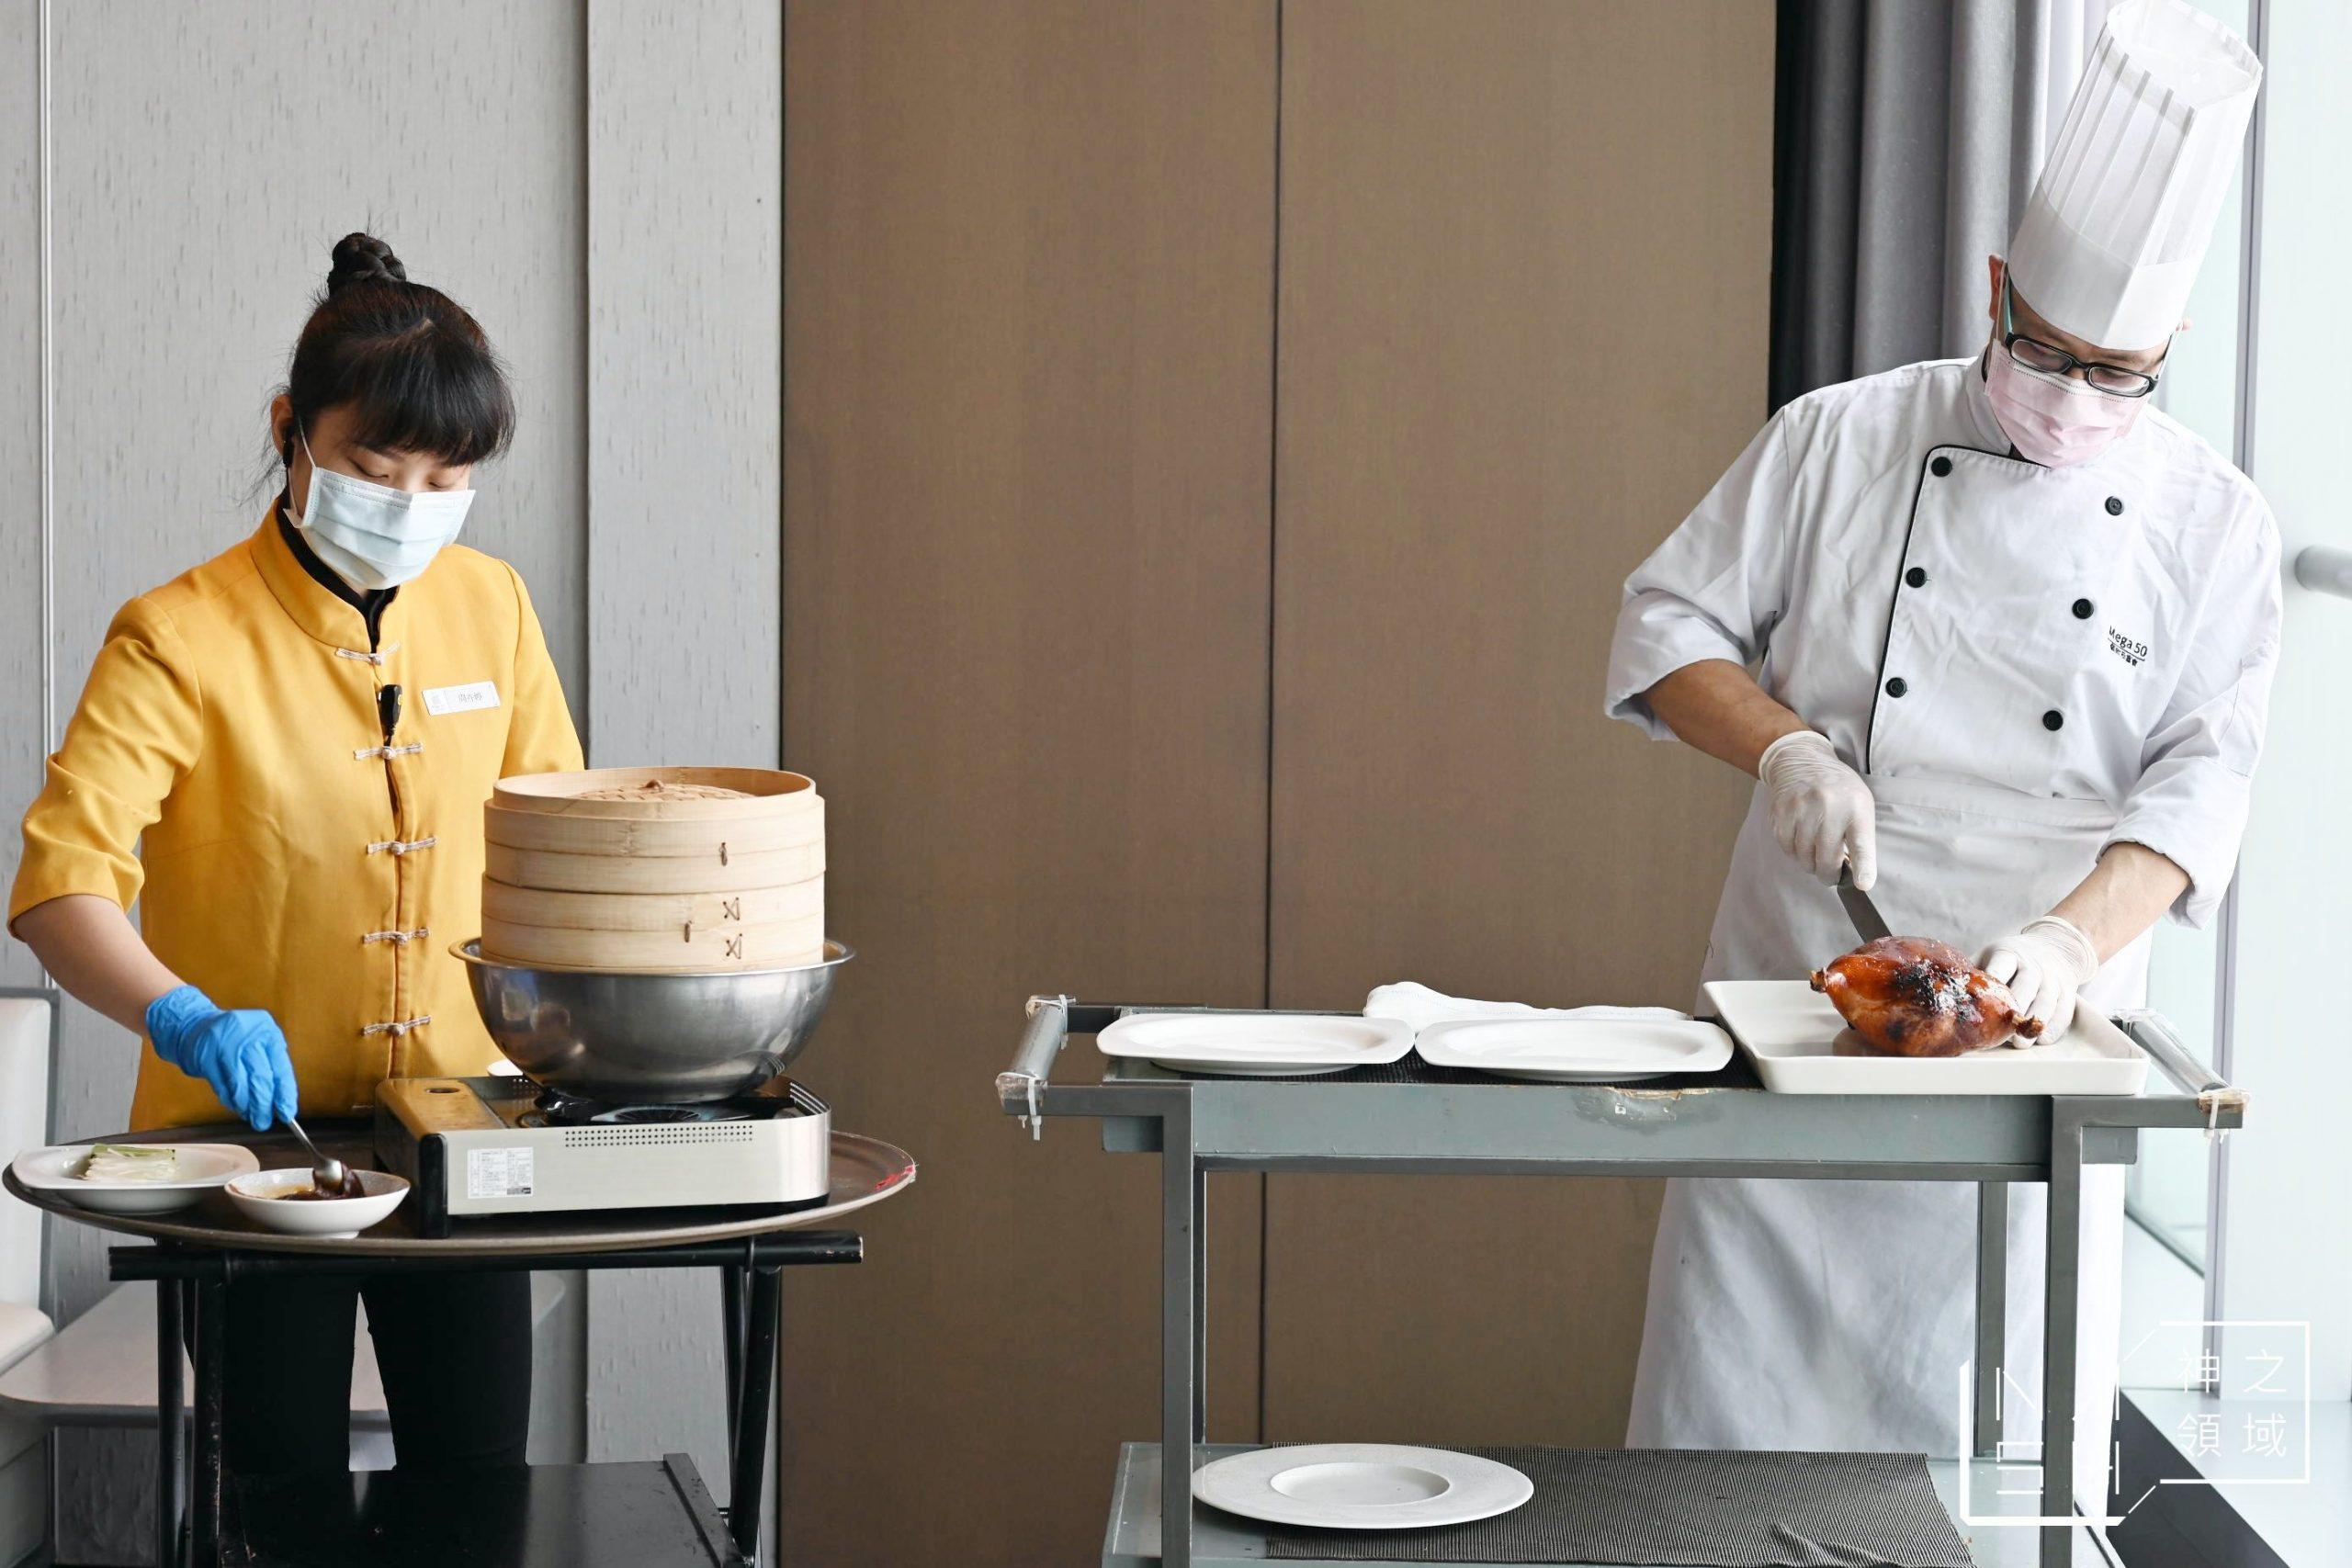 台北港式飲茶,港式飲茶,板橋美食,望月樓,台北飲茶懶人包,台北烤鴨懶人包